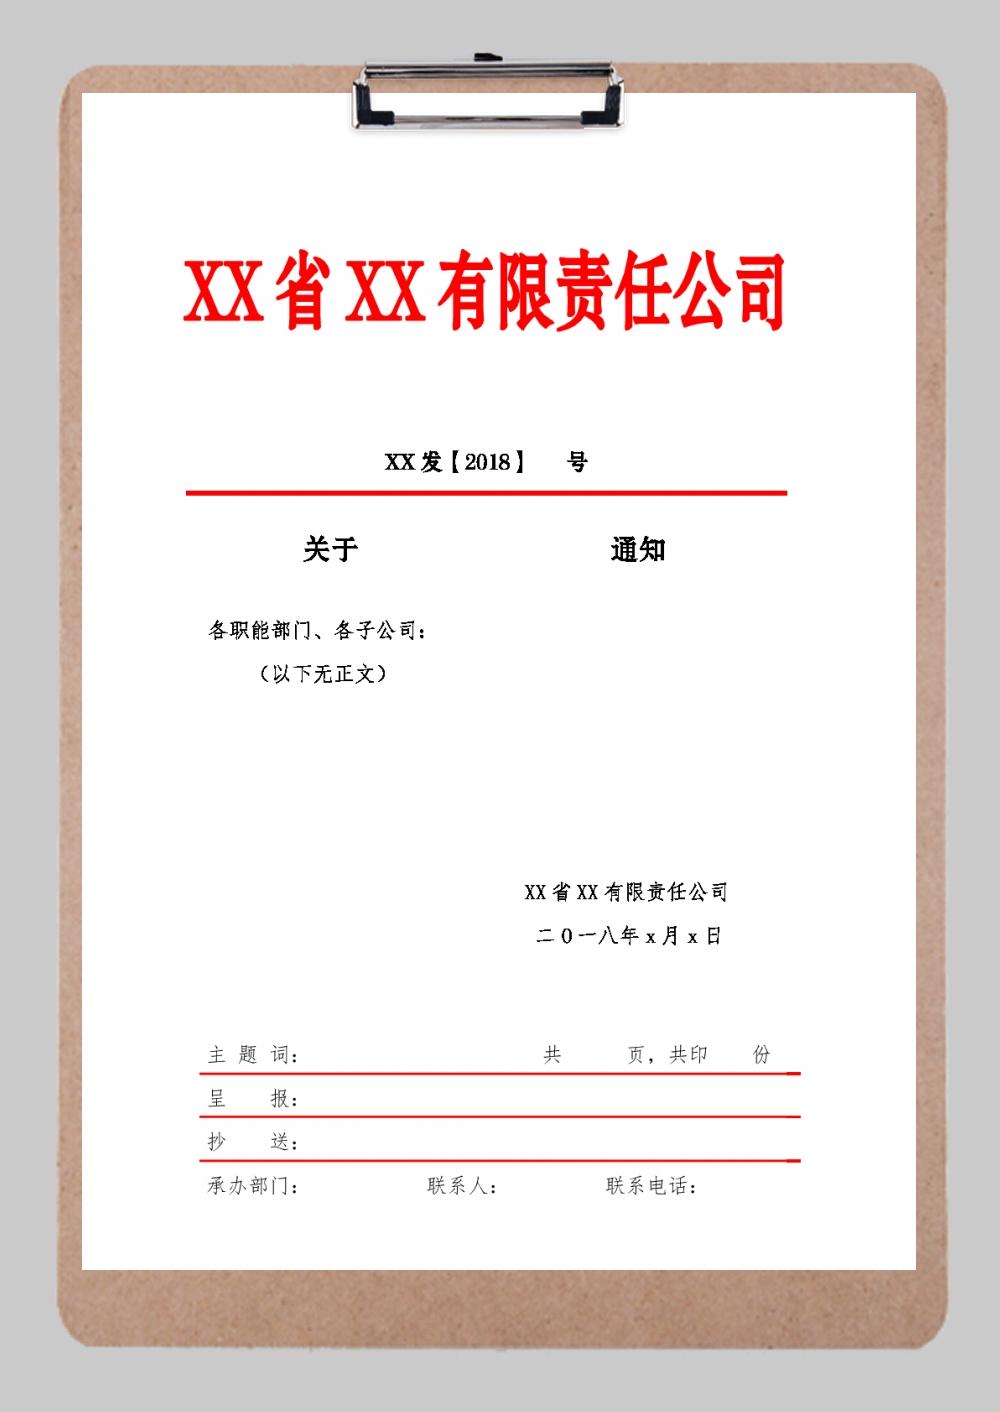 红色风格公司内部红头文件word模板